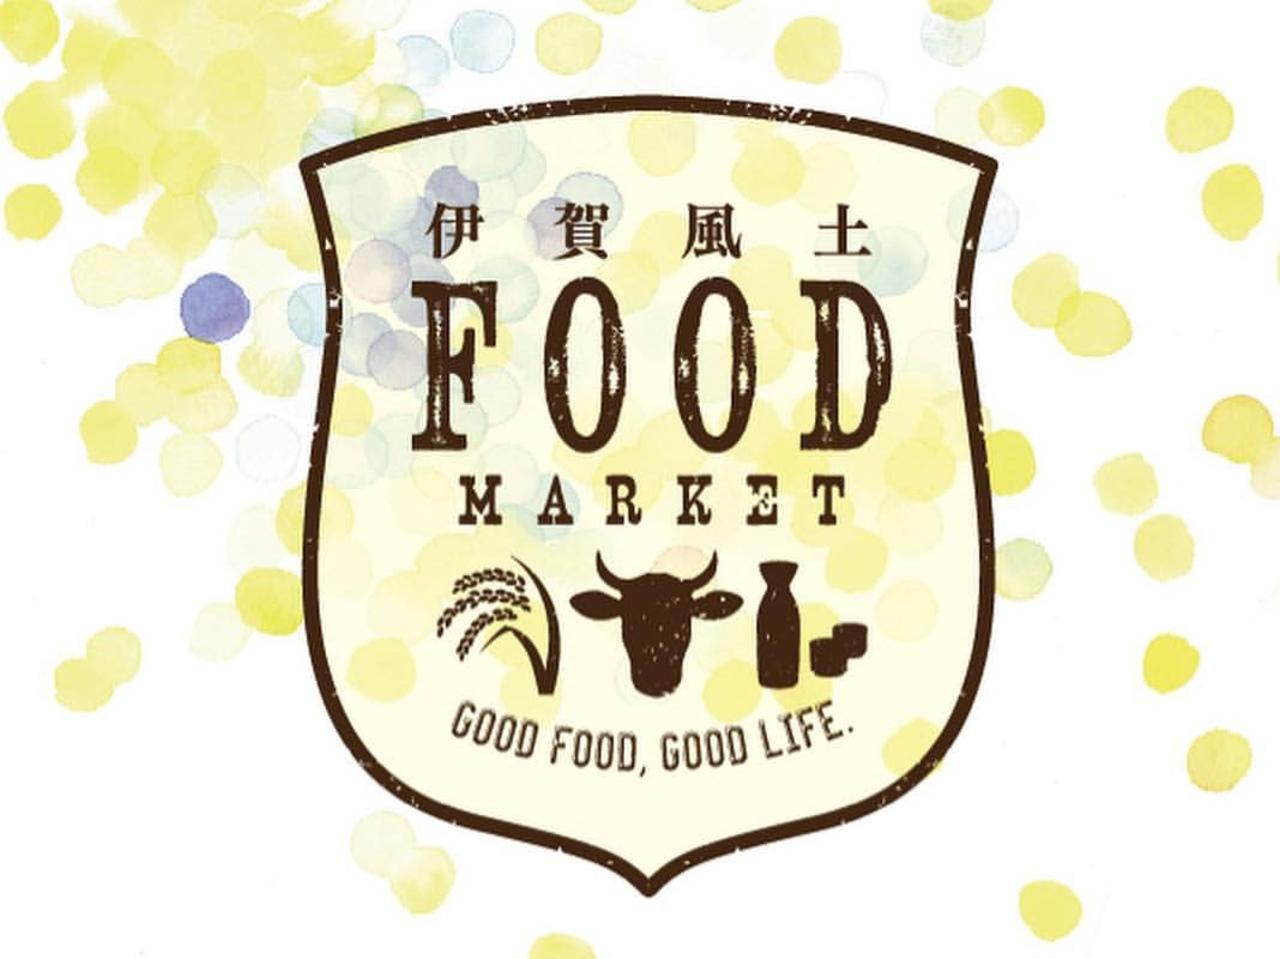 三重県伊賀市の上野市駅前広場で毎月第2日曜に開催される「伊賀風土フードマーケット」